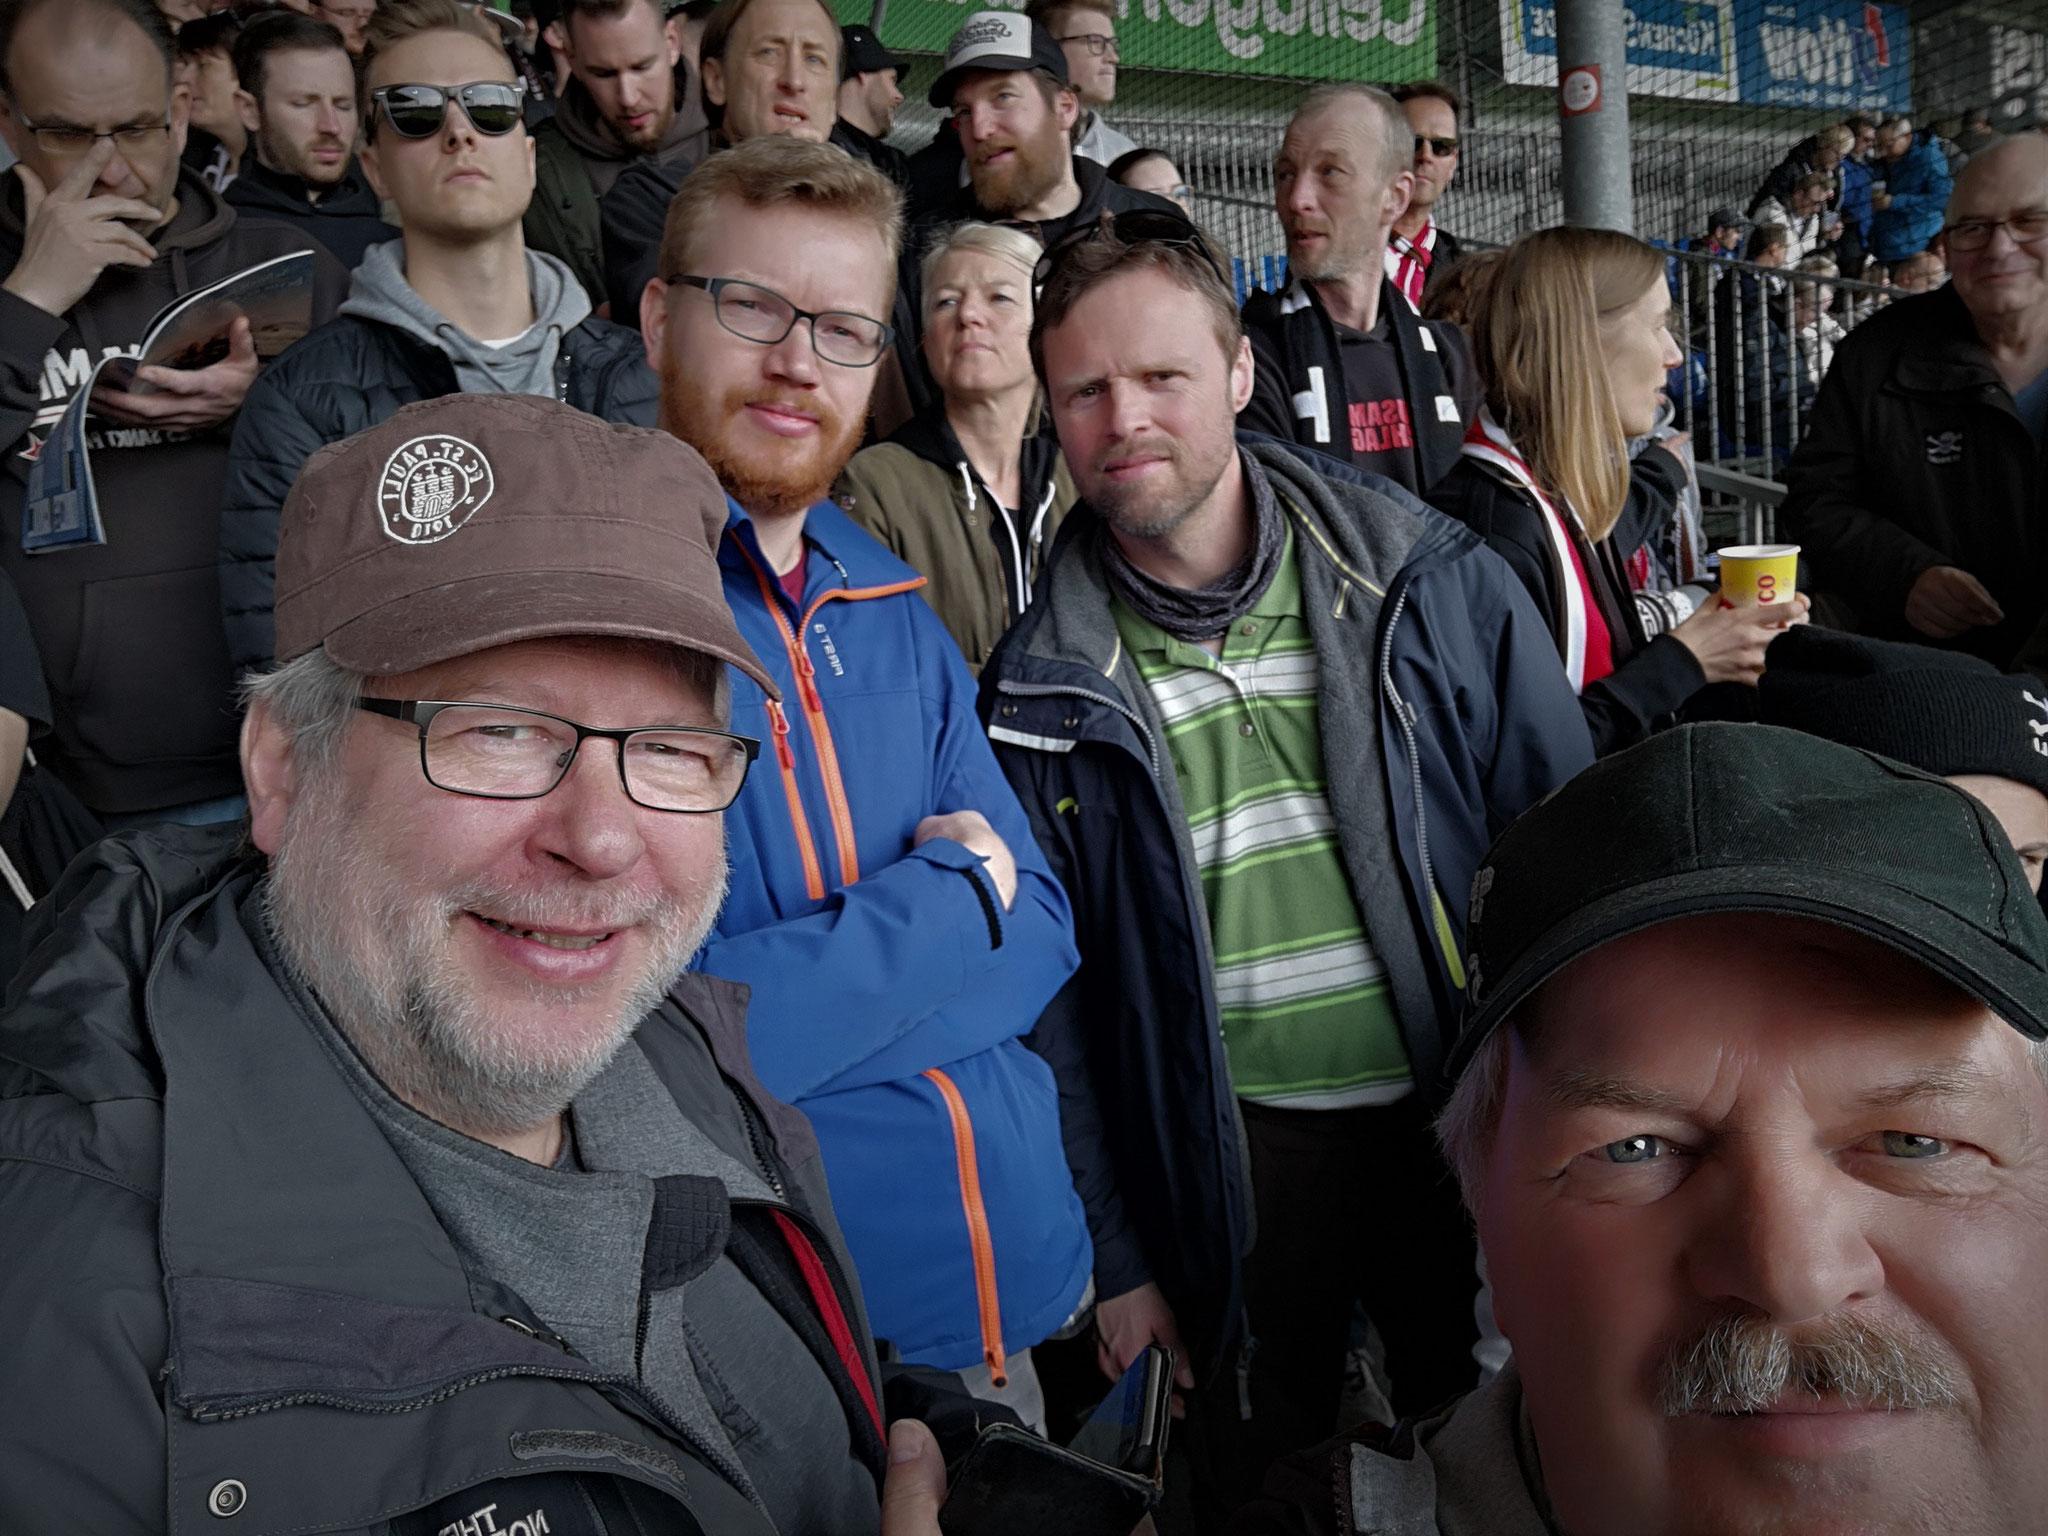 Dabei im Auswärtsspiel in Kiel: Markus Wiorek, Markus Hoppe, Thomas Hoppe und Thomas Möhring (von links nach rechts)